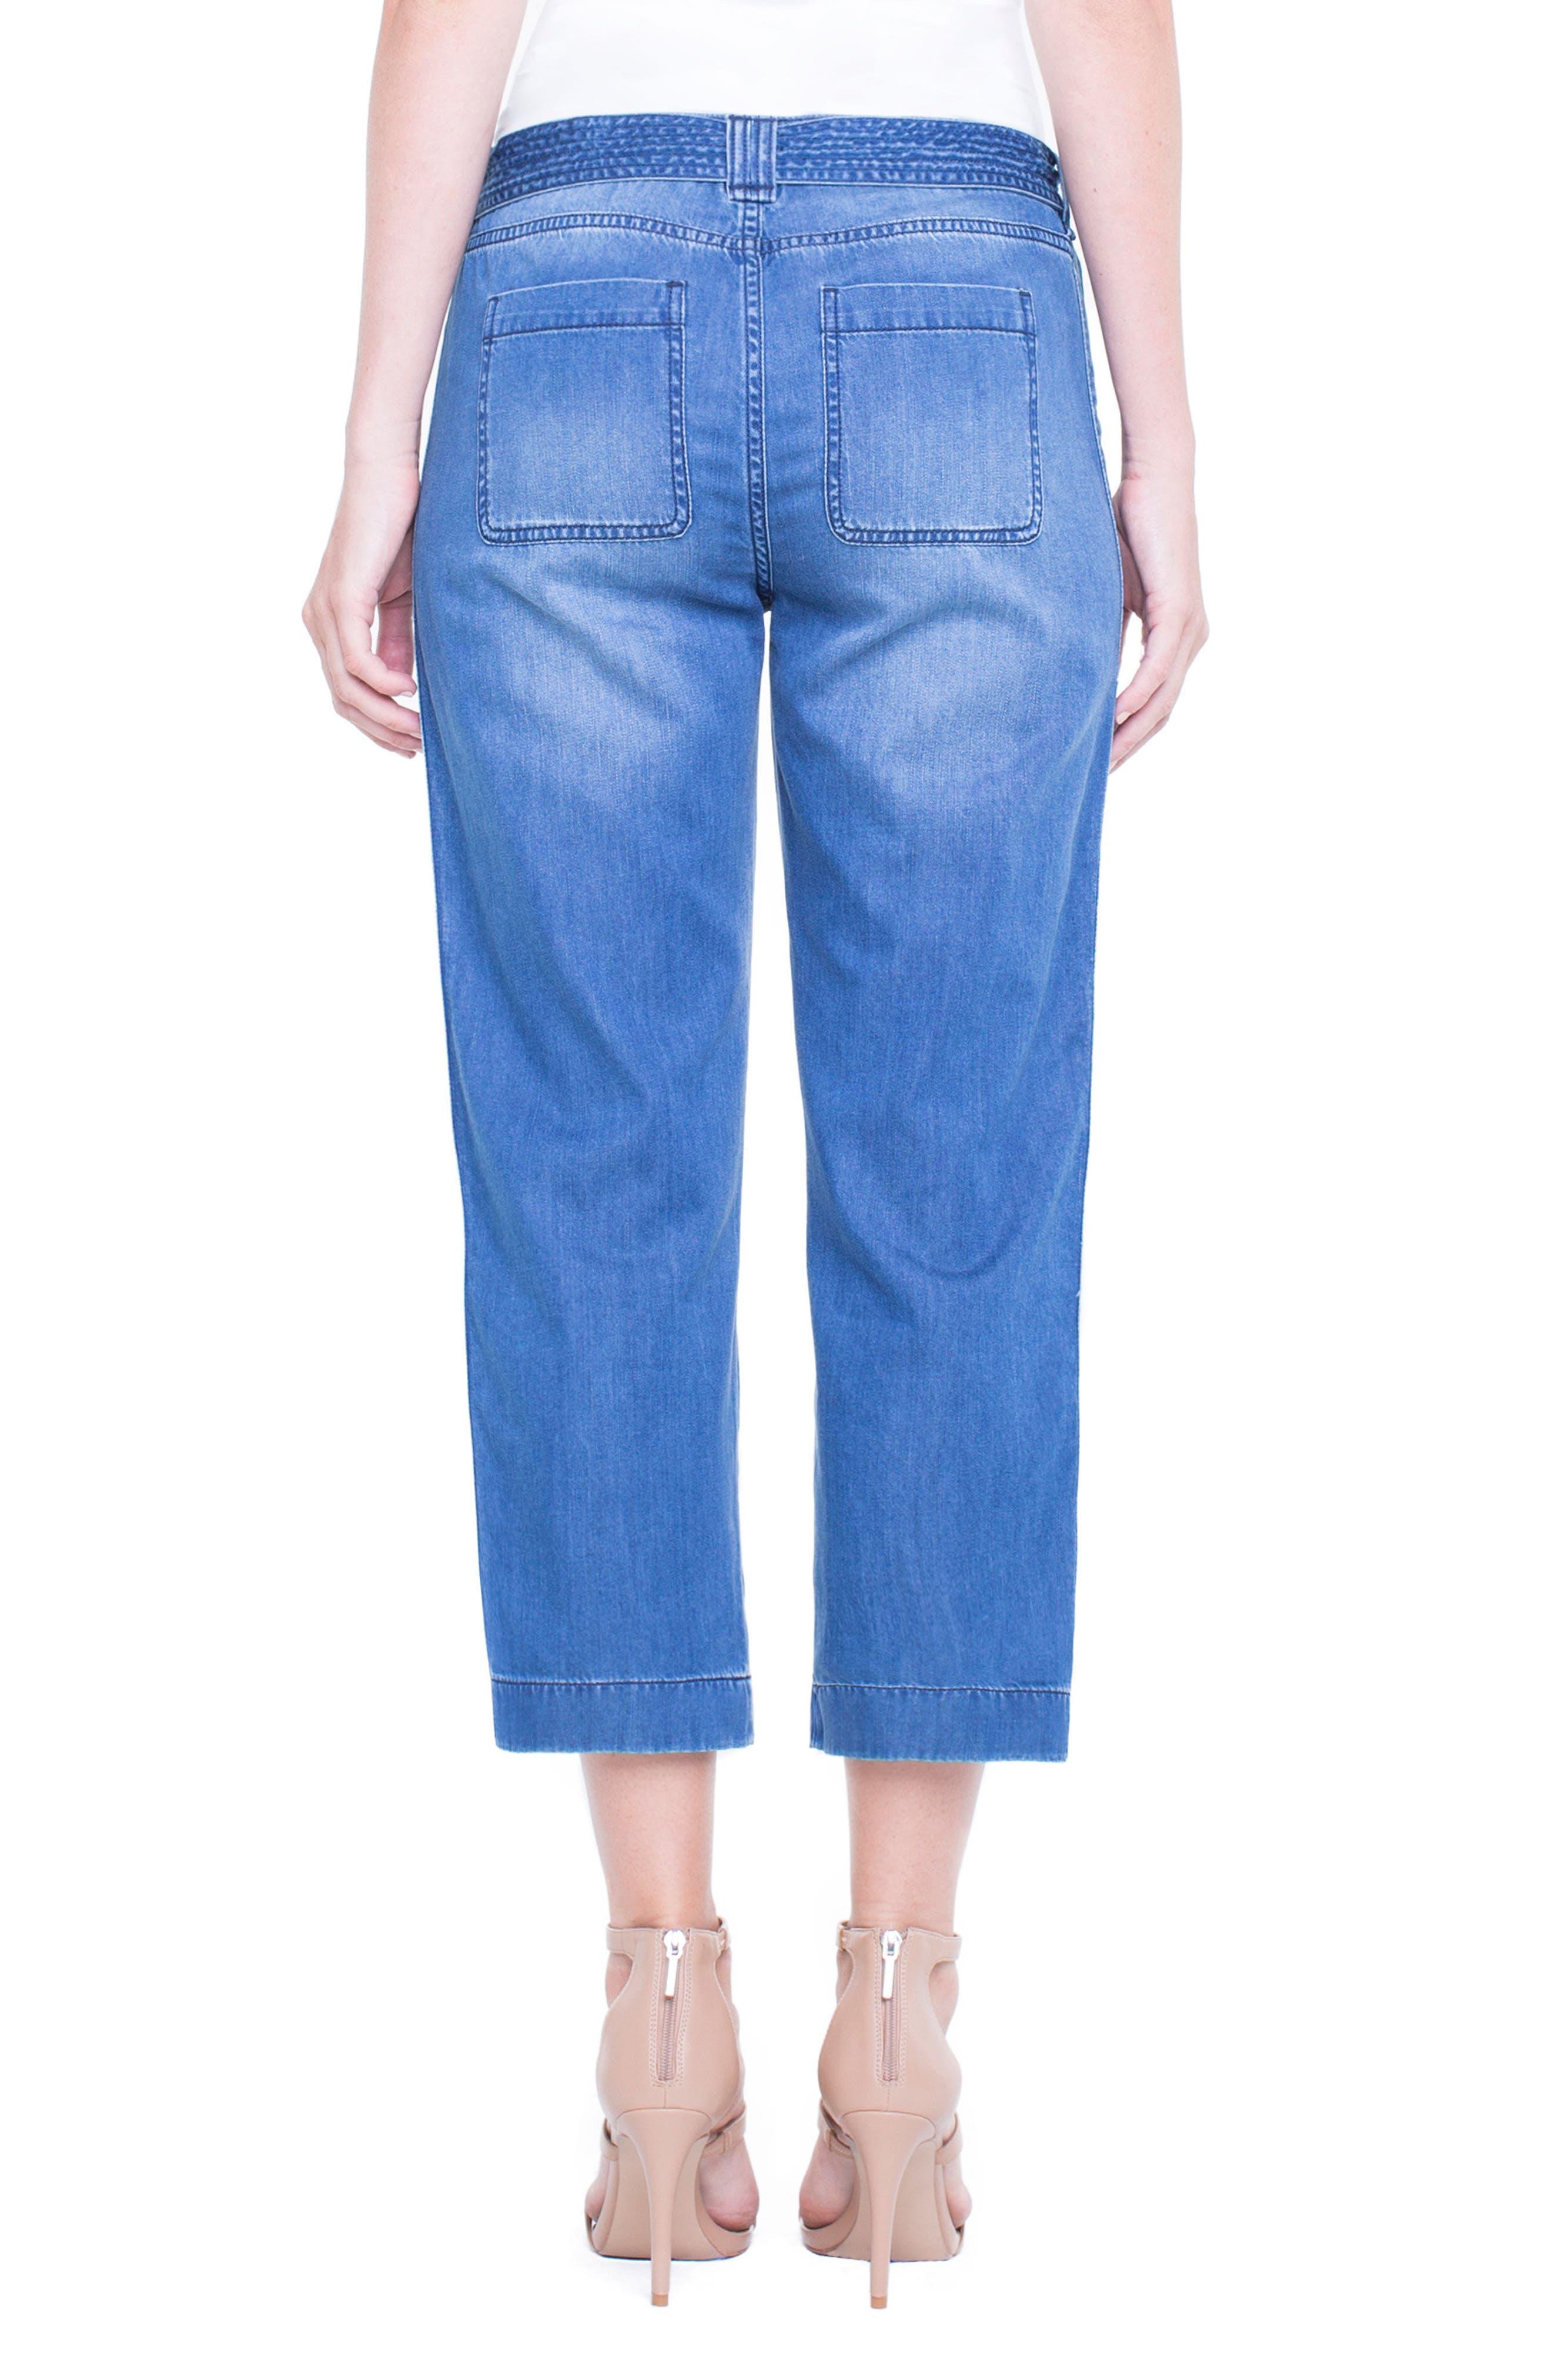 Norah Capri Jeans,                             Alternate thumbnail 2, color,                             408